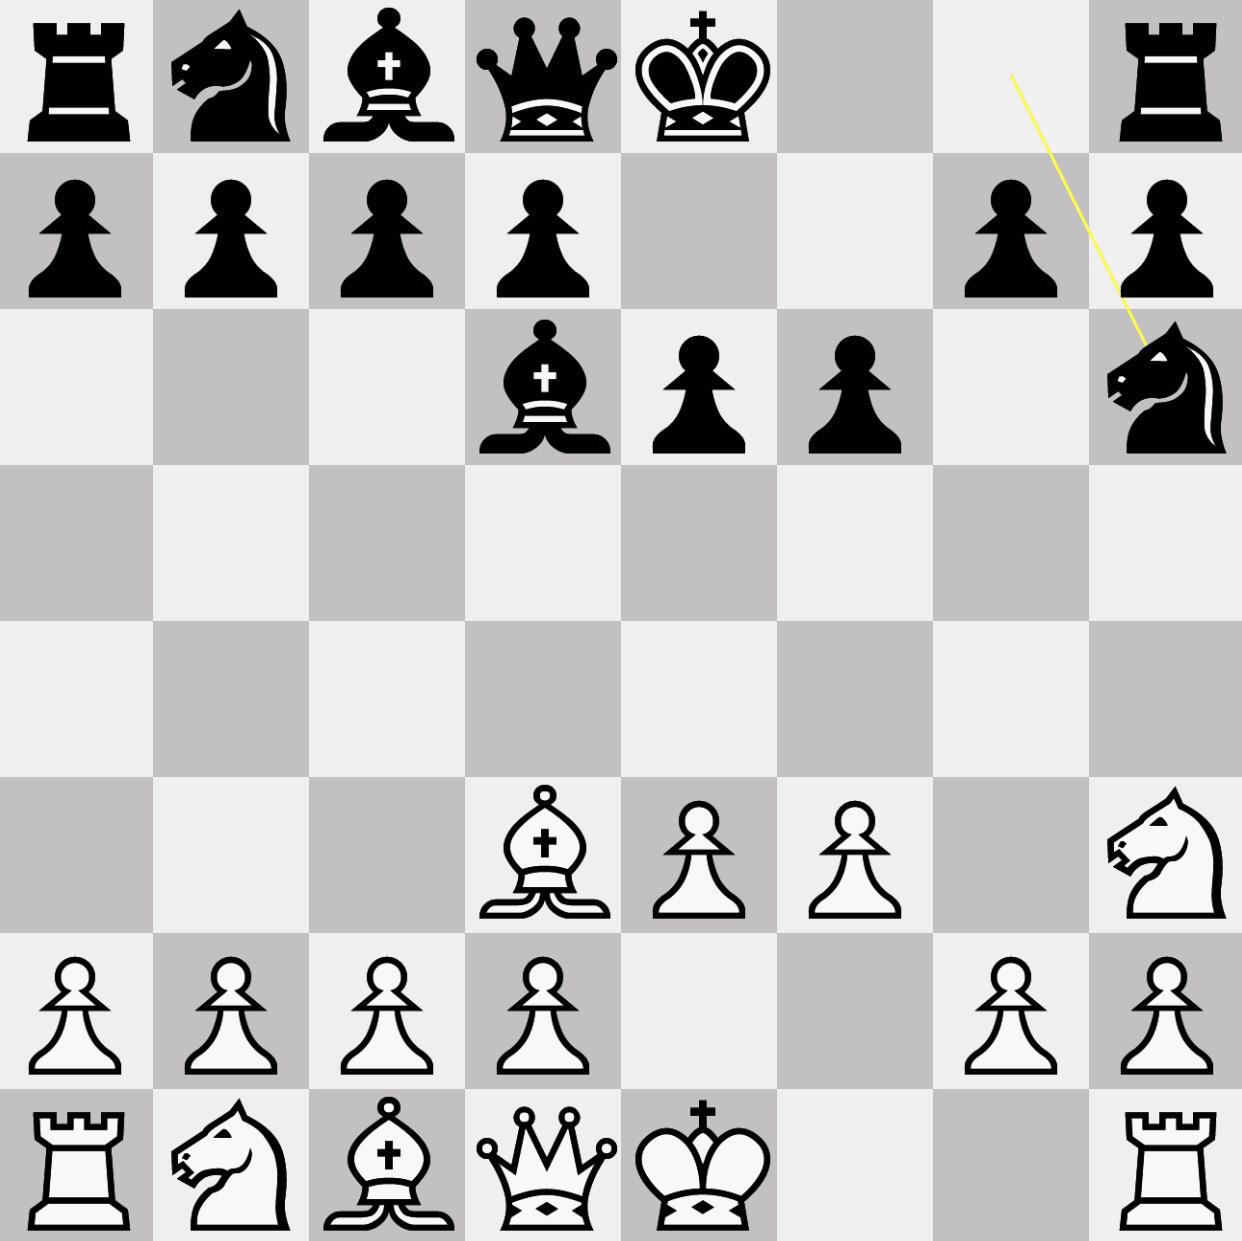 チェス『キャスリング』の意味